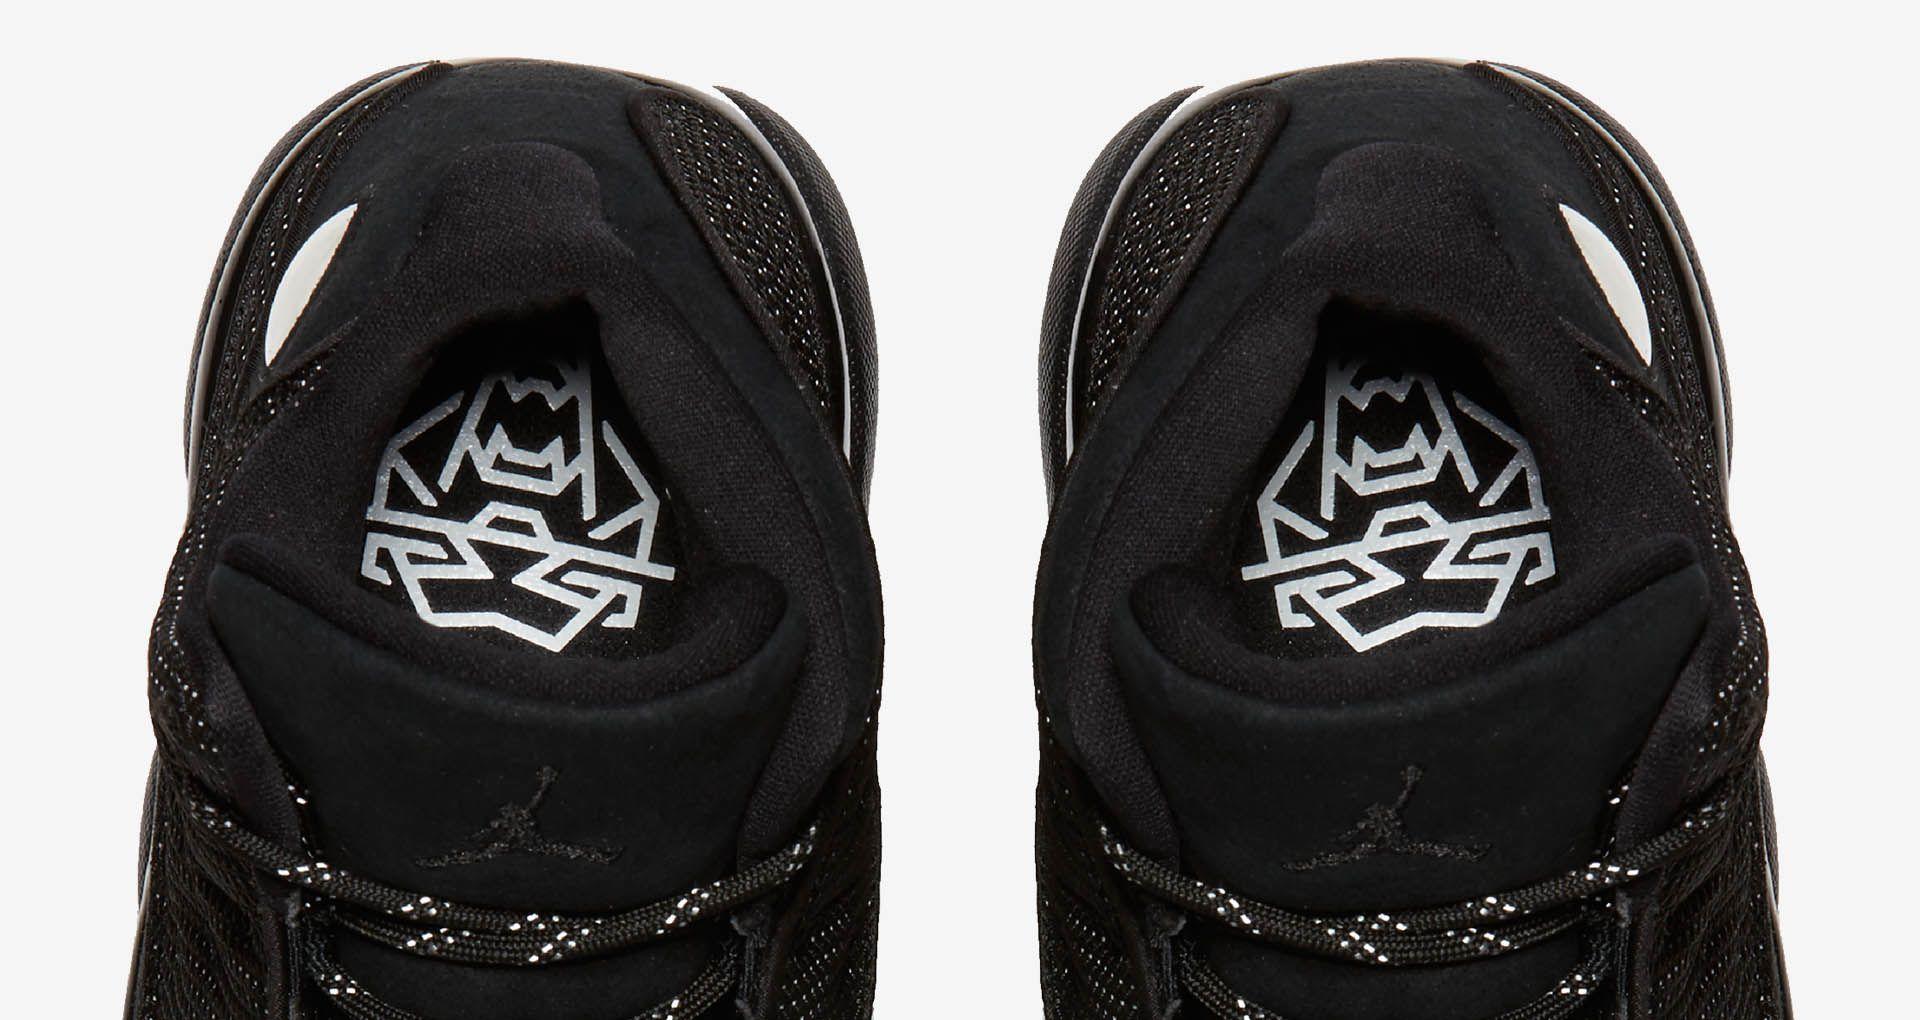 fc4a3a298de7 Air Jordan 13 Retro  Black Cat . Nike+ SNKRS